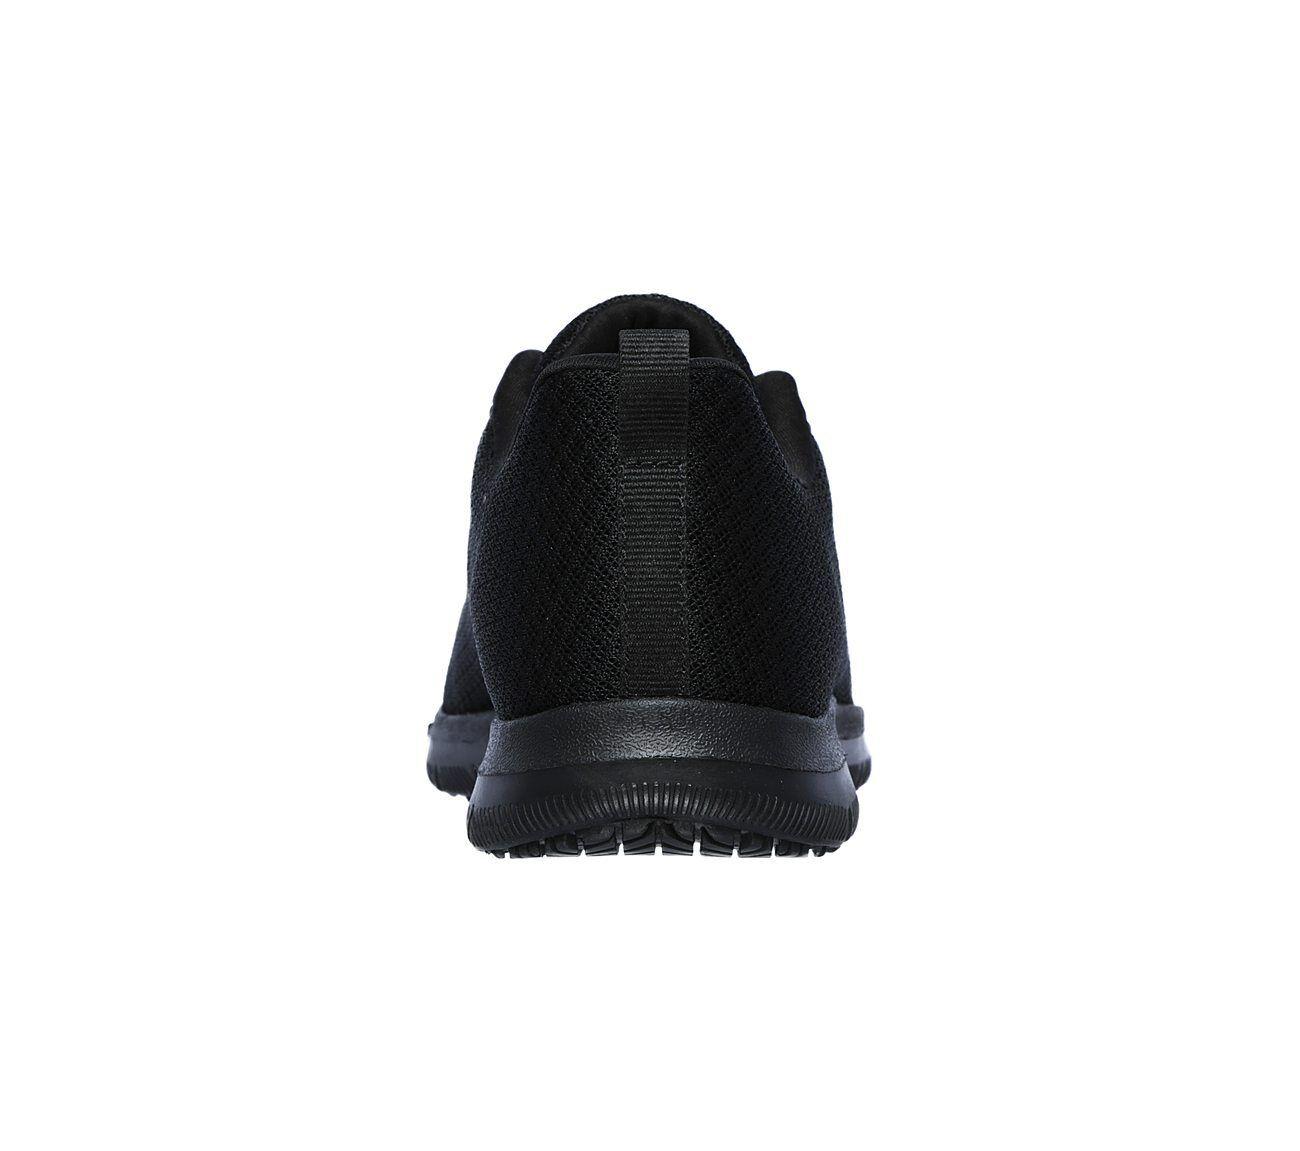 77210 77210 77210 Wide Fit Black Skechers shoe Women Memory Foam Work Slip Resistant Comfort 90e5fb